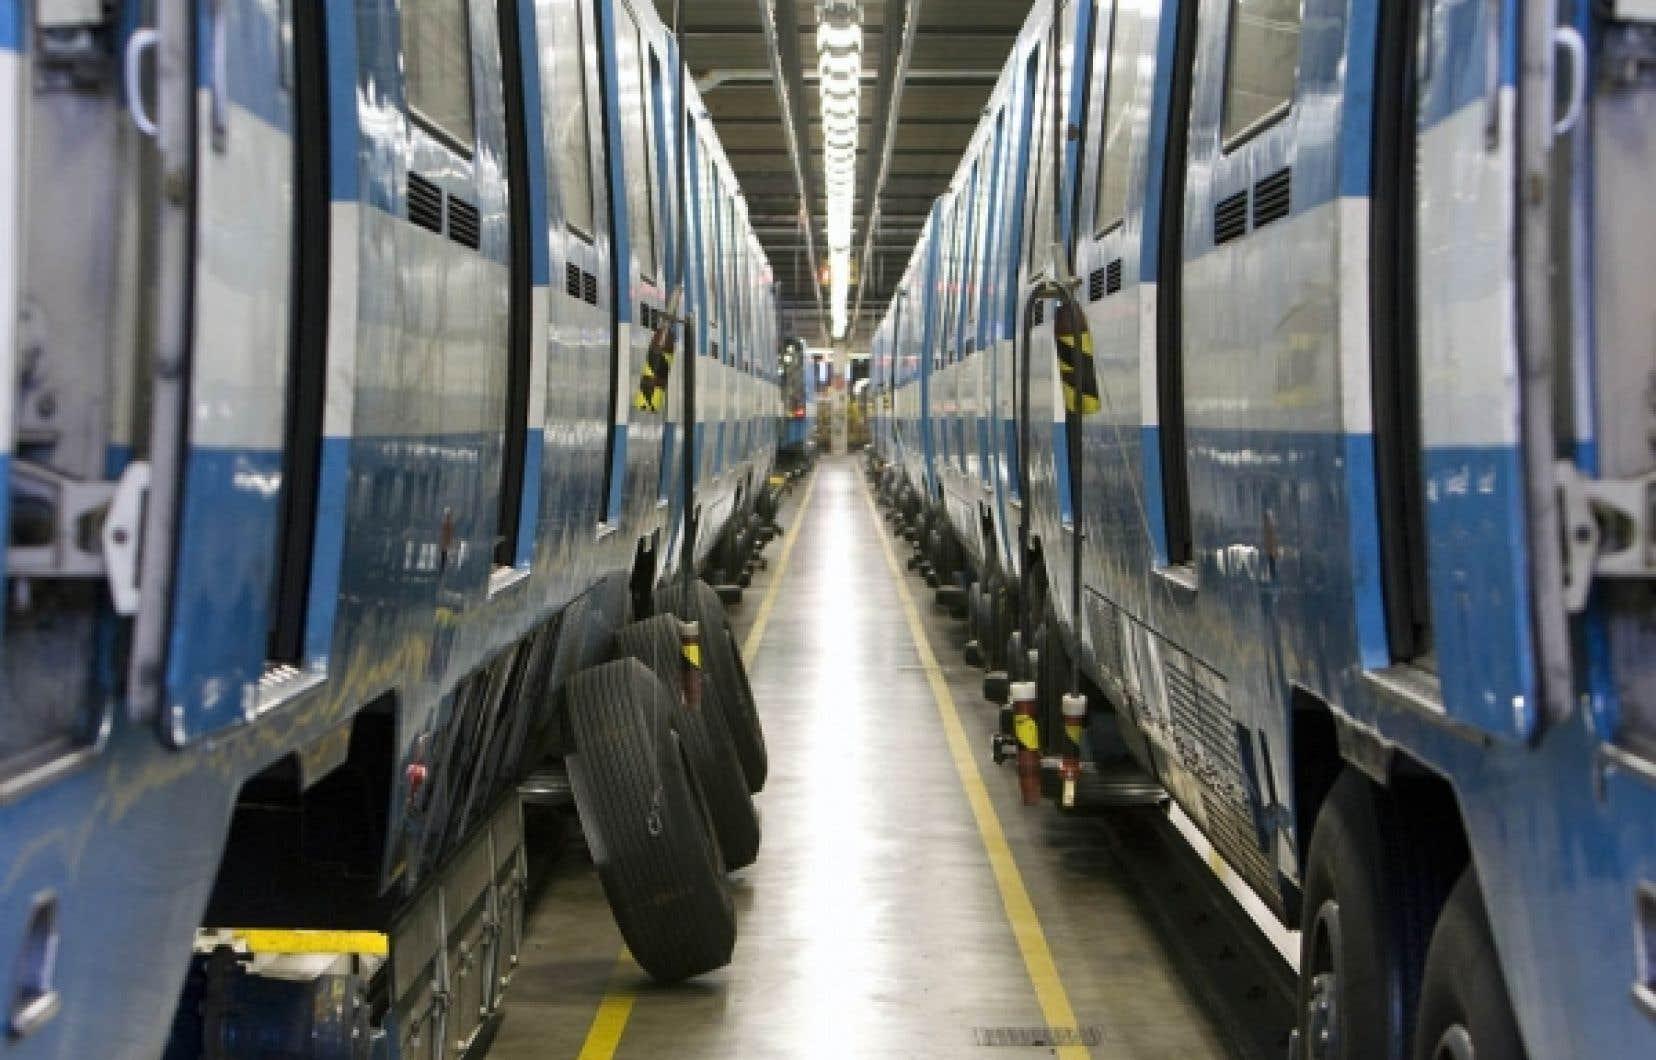 Des voitures de métro sont soumis à des travaux d'entretien dans les garages de la STM. Le nouvel organisme Transit entend suivre à la trace les politiques publiques en matière de transports.<br />